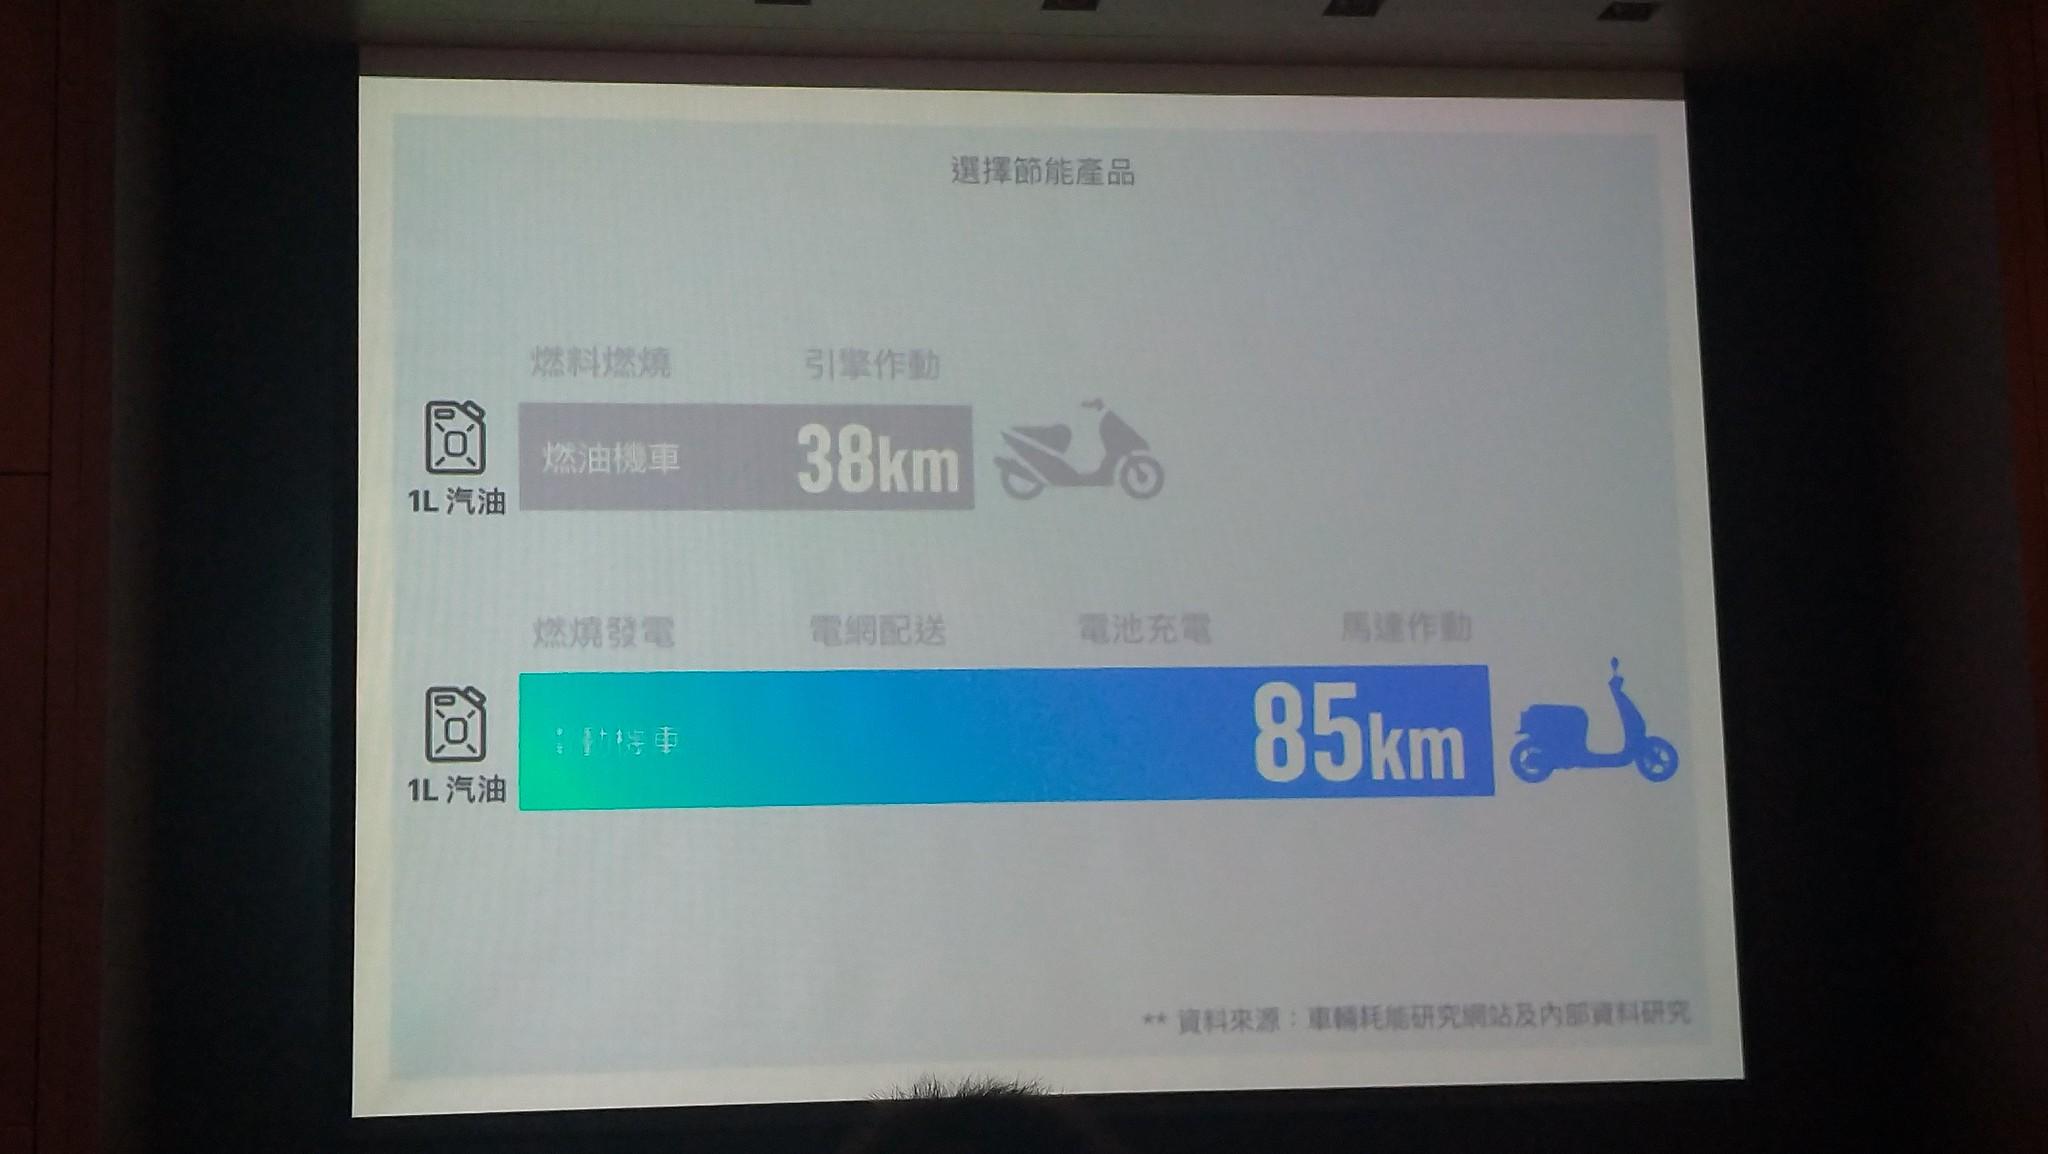 Gogoro電動機車與一般燃油機車能源效率對照圖。孫文臨攝